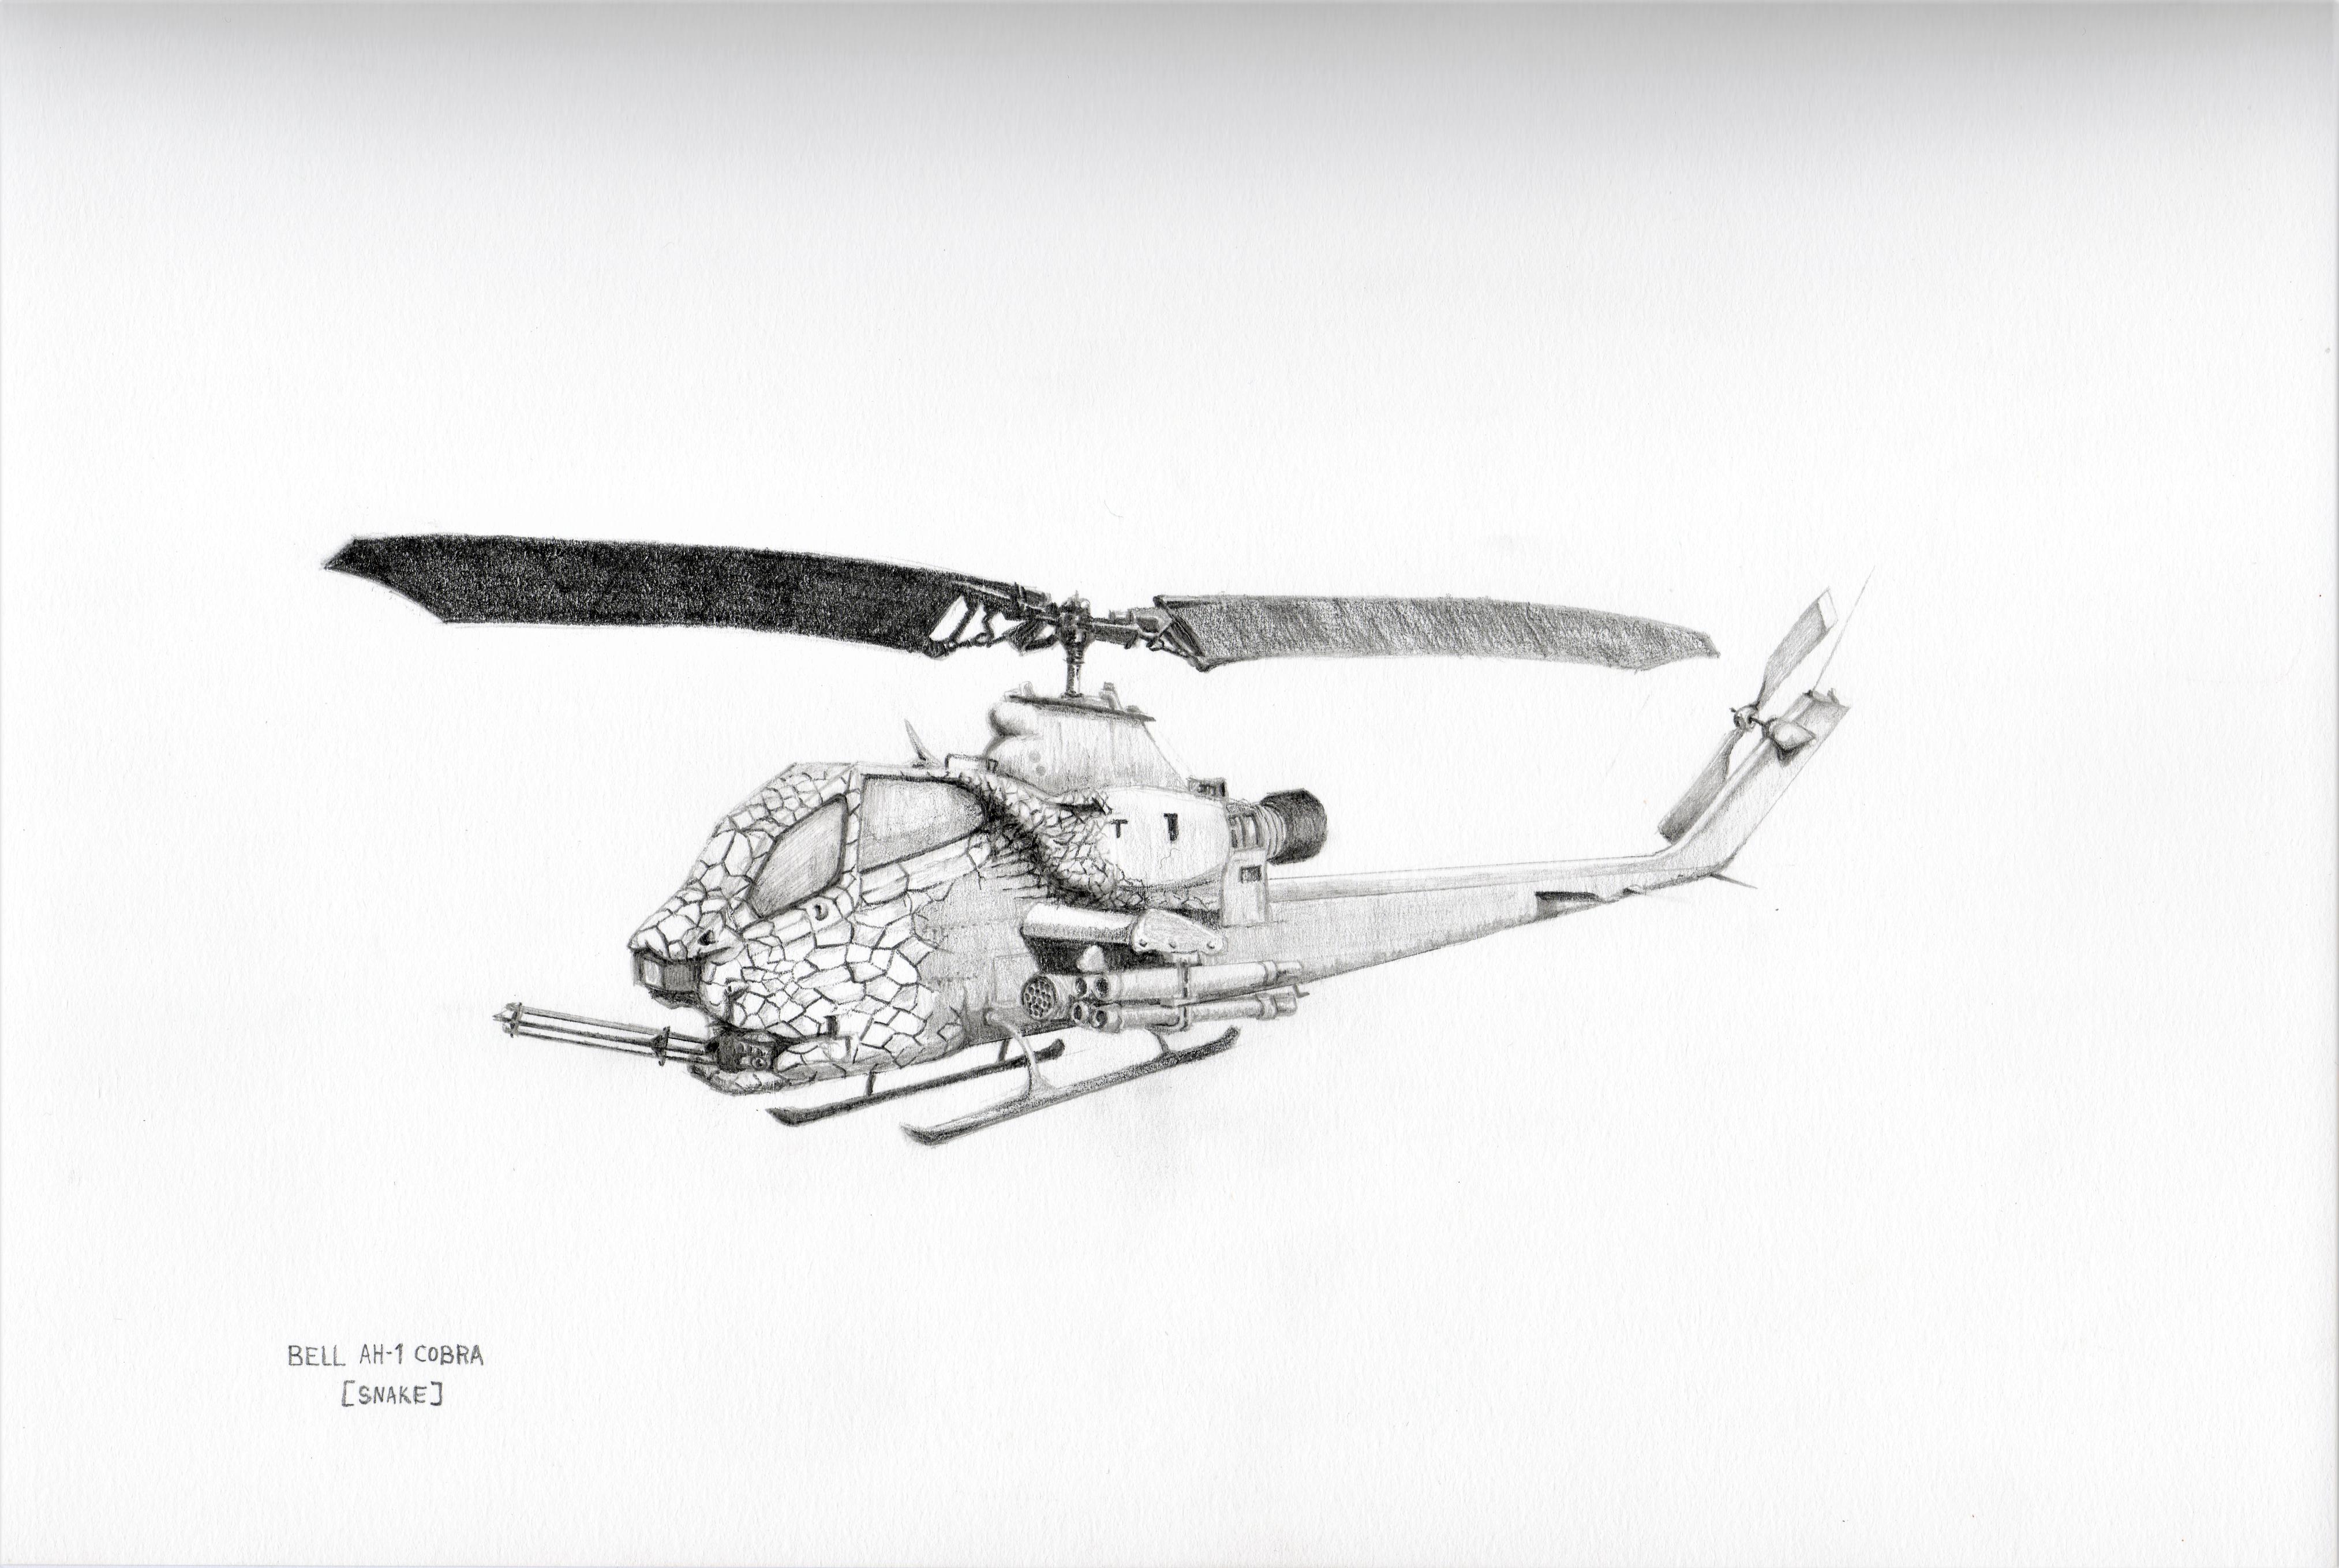 BELL AH-1 COBRA  (SNAKE)